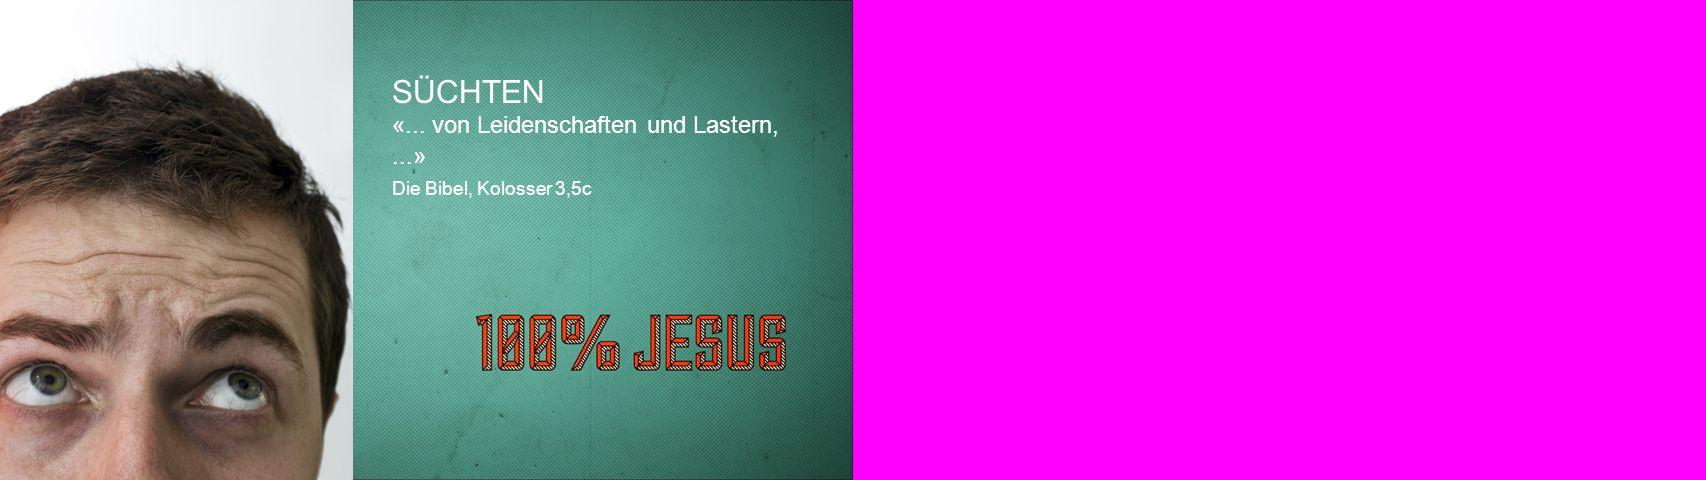 SÜCHTEN «... von Leidenschaften und Lastern,...» Die Bibel, Kolosser 3,5c